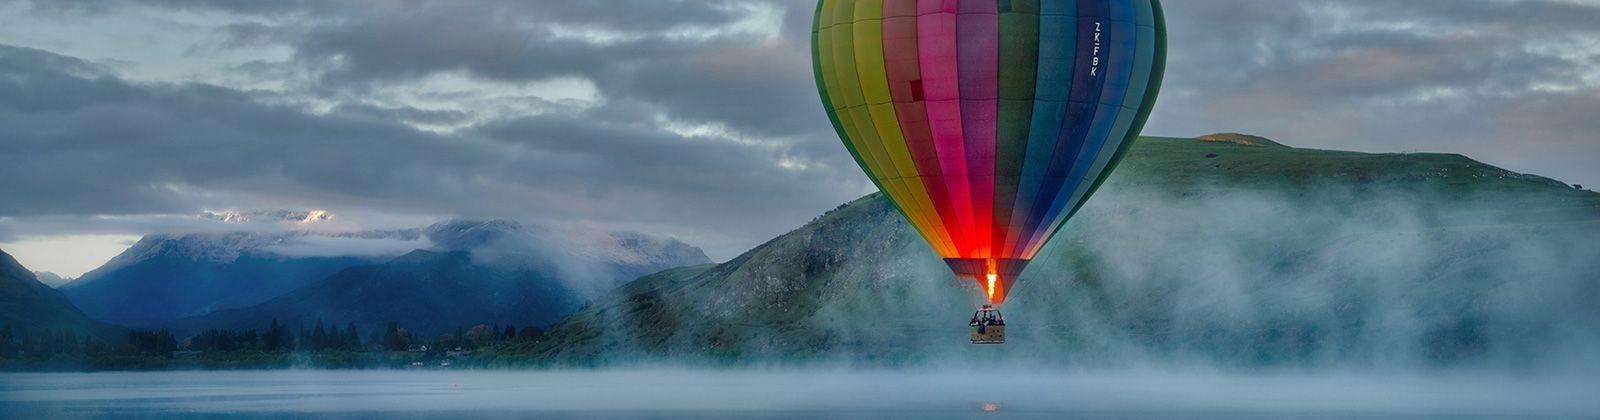 热气球7k风景超高清壁纸精选